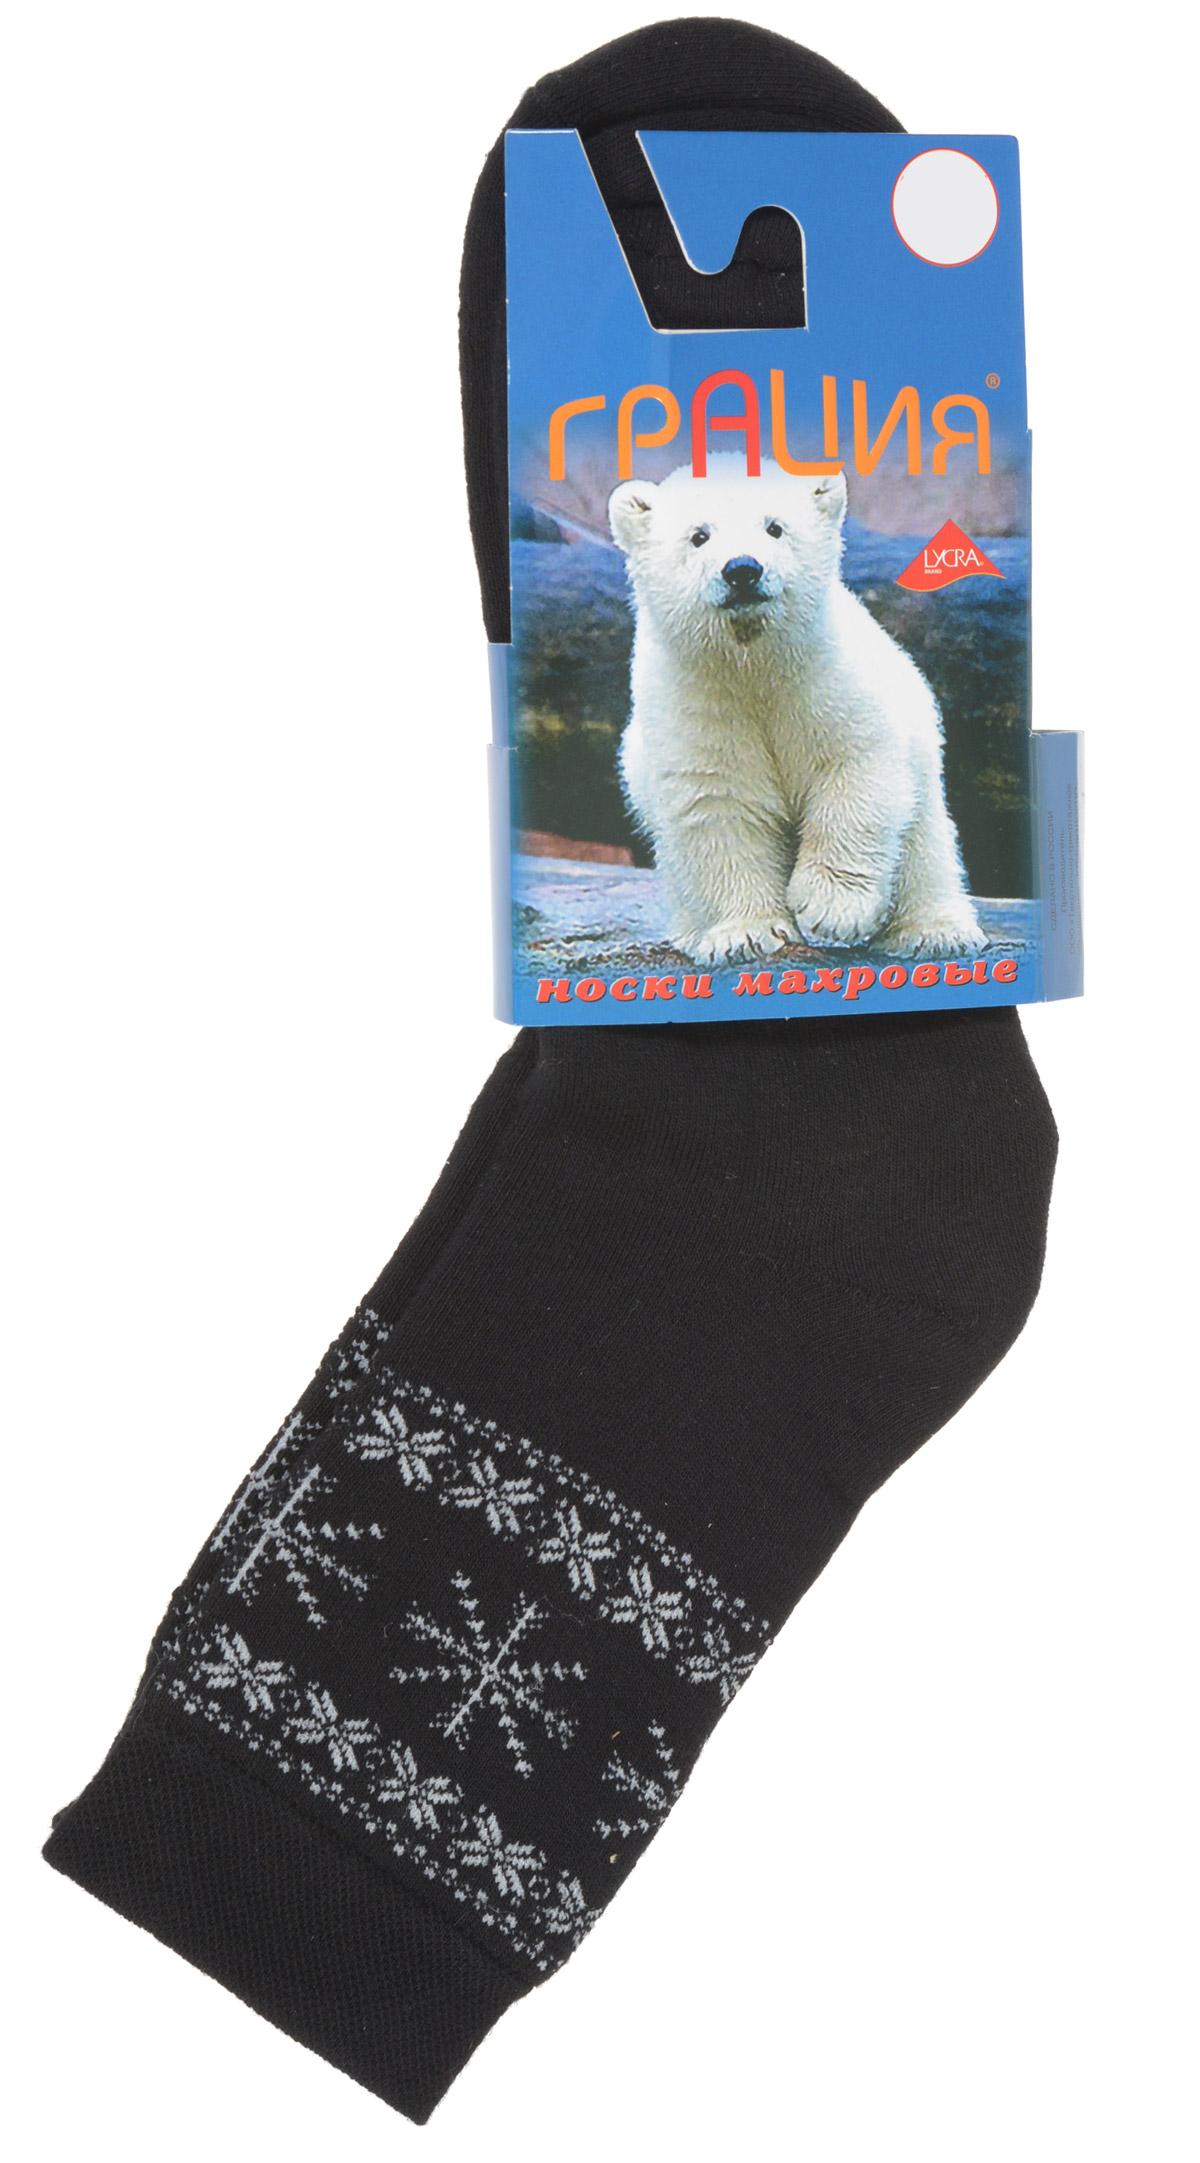 Носки женские Грация, цвет: черный, белый. М 1011. Размер 1 (35/37)М 1011Теплые женские носки Грация, изготовленные из высококачественного комбинированного материала, очень мягкие и приятные на ощупь, позволяют коже дышать. Эластичная резинка плотно облегает ногу, не сдавливая ее, обеспечивая комфорт и удобство. Махровые носки с удлиненным паголенком, который оформлен орнаментом из снежинок.Удобные и комфортные носки великолепно подойдут к любой вашей обуви.